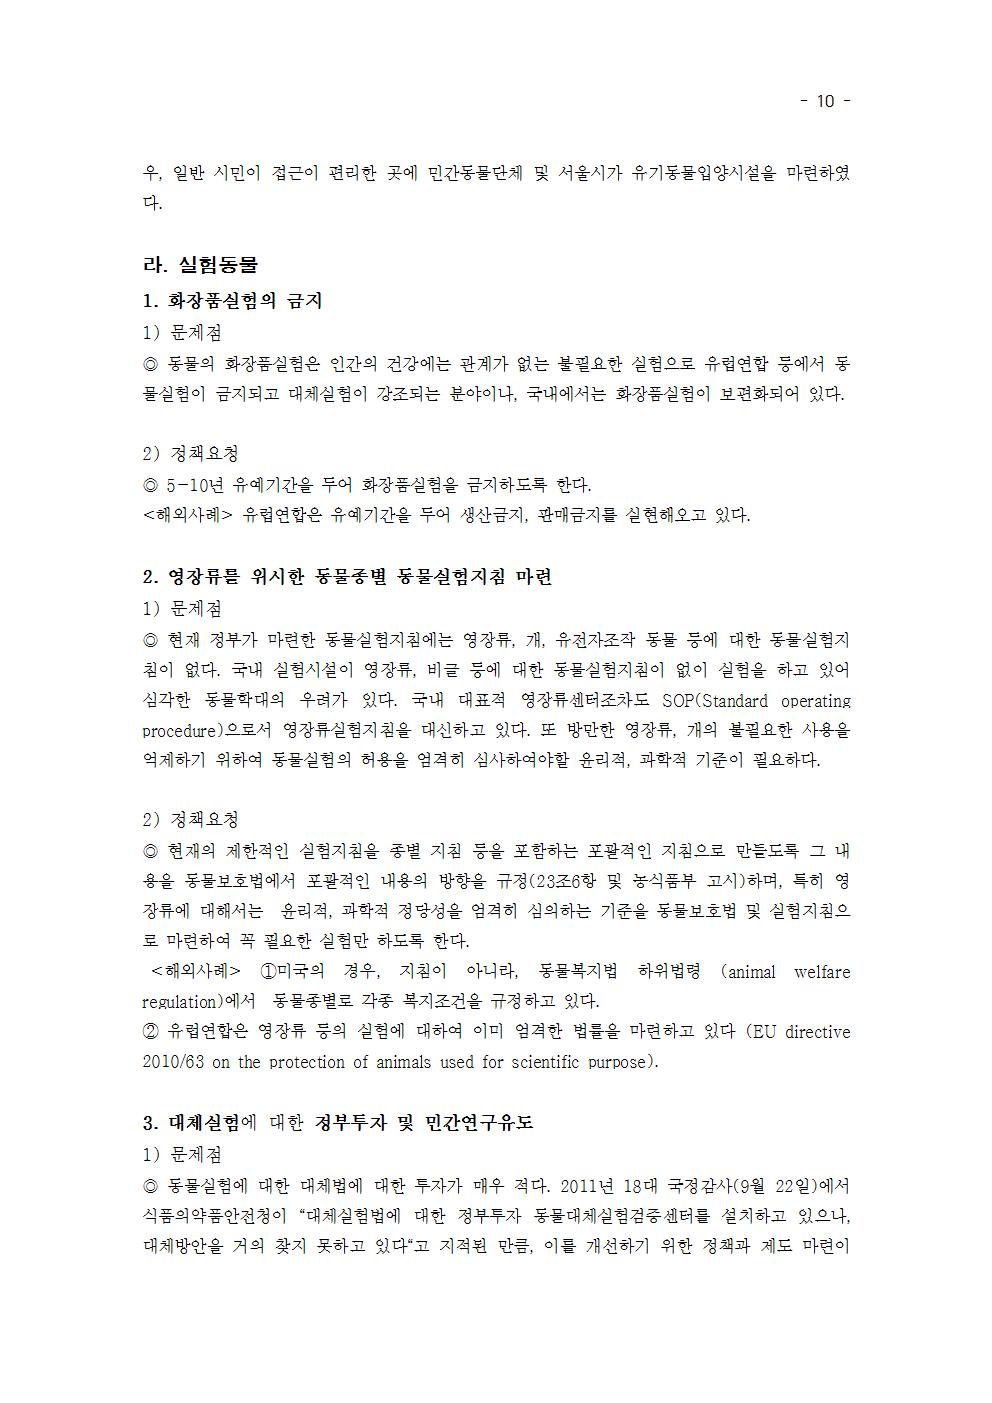 제안서_2012_대선3후보_게시_단축013.png